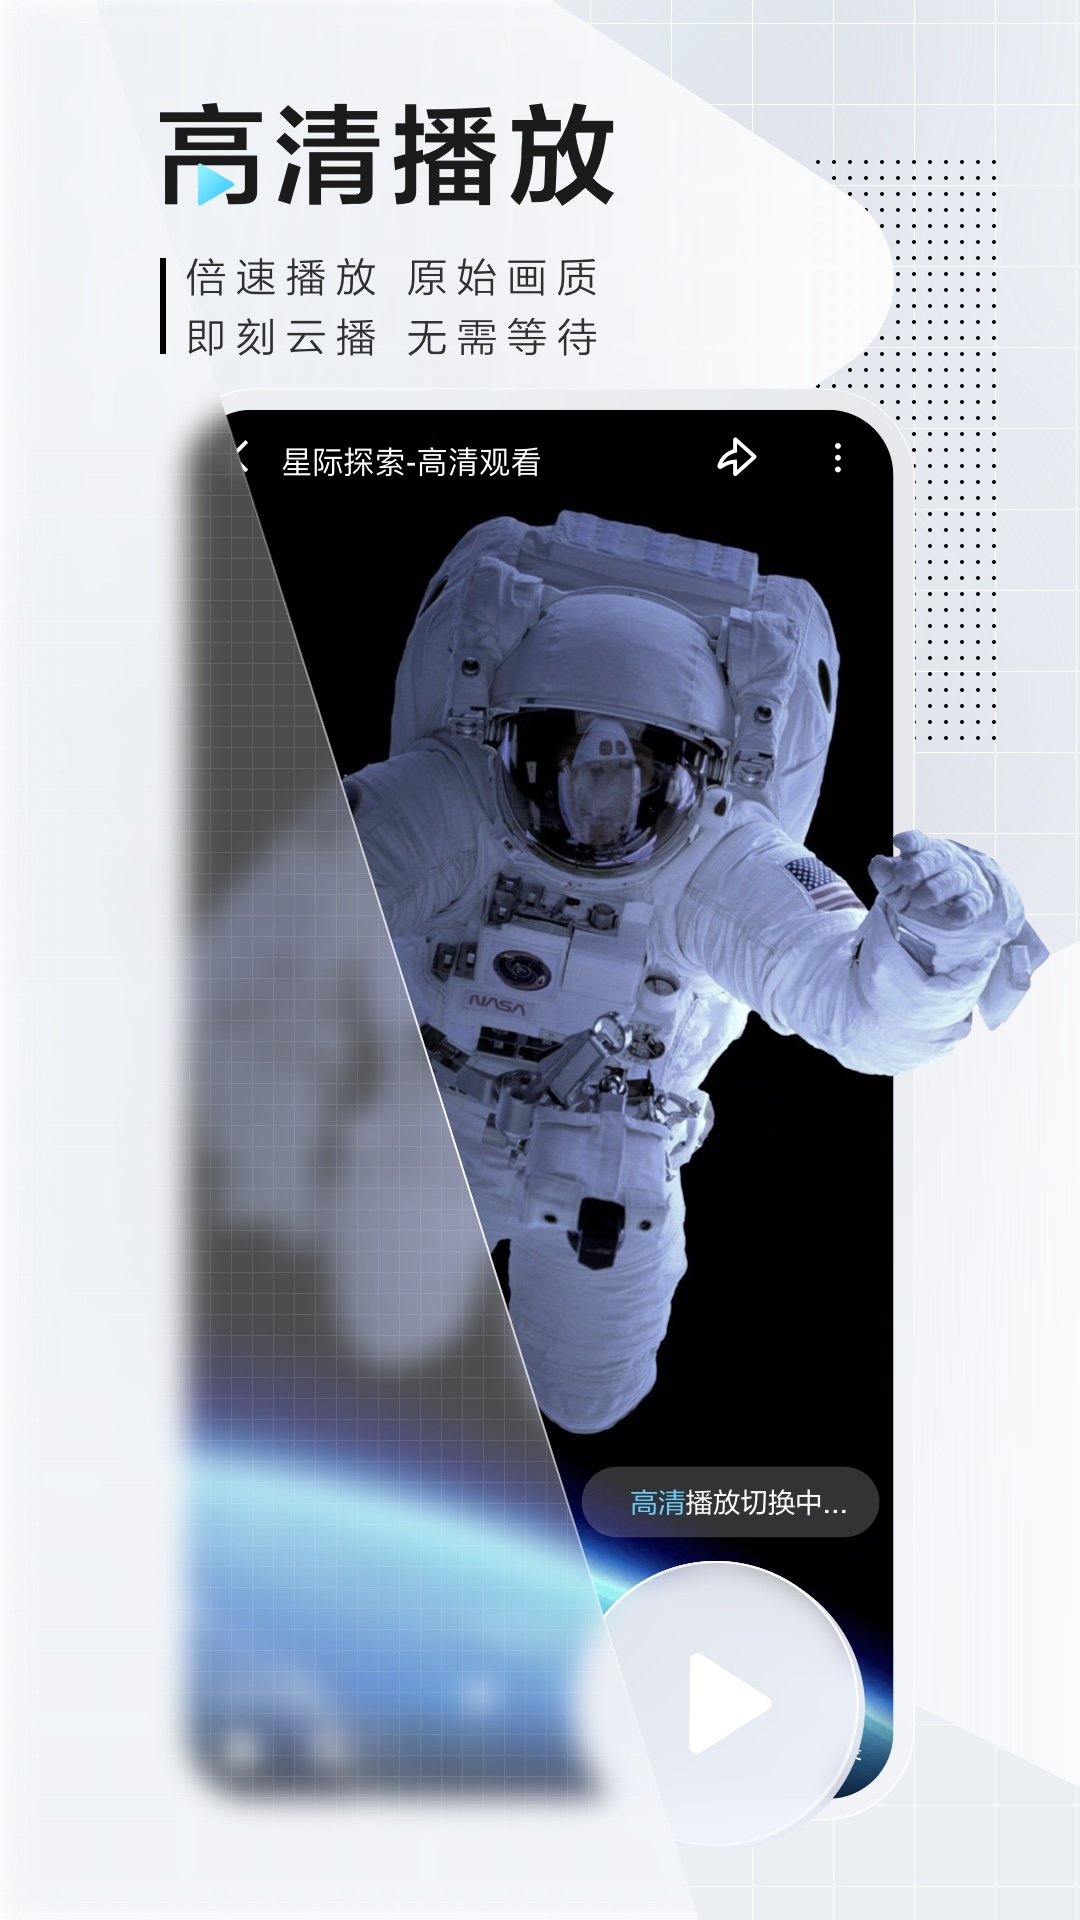 手机迅雷安卓版v7.31.0.7684 最新版